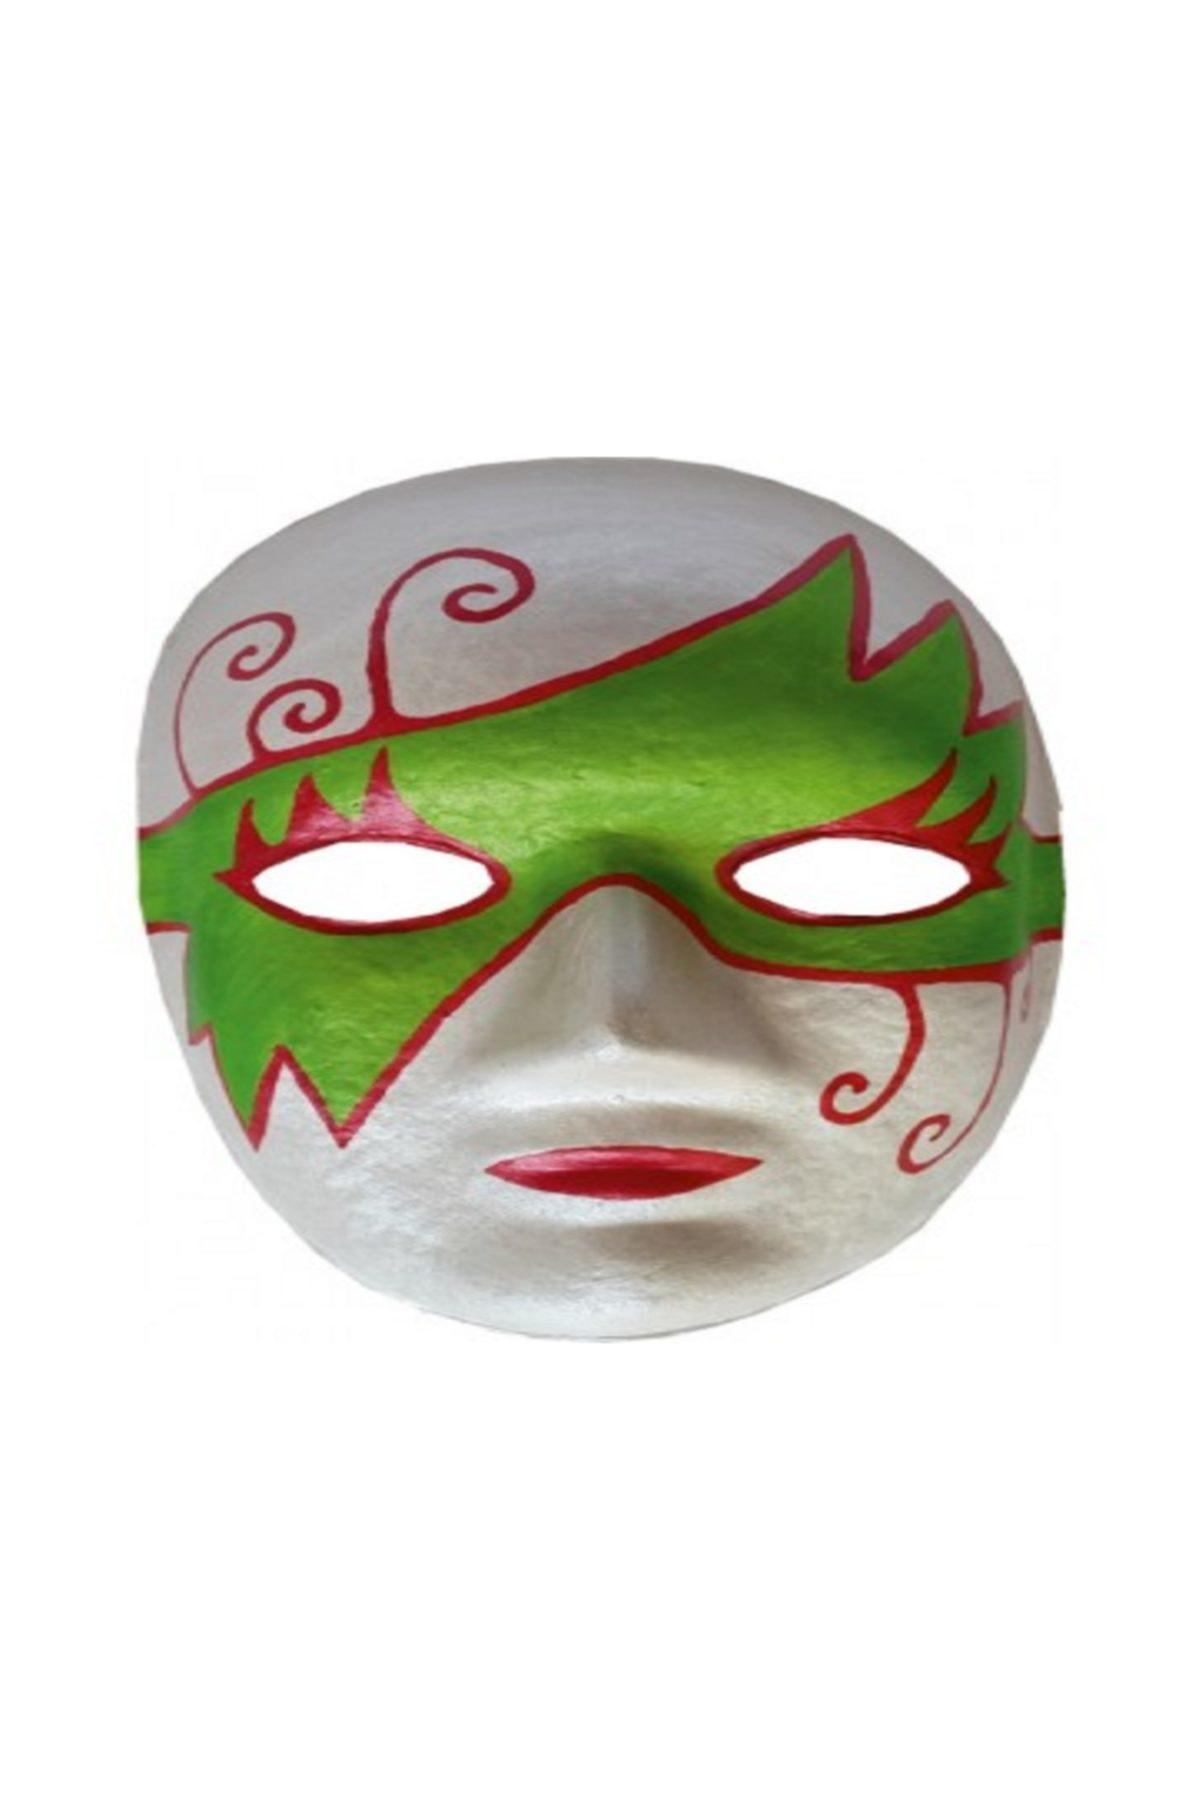 Redka Karton Maske Boyama Eniyisiiste666 Trendyol